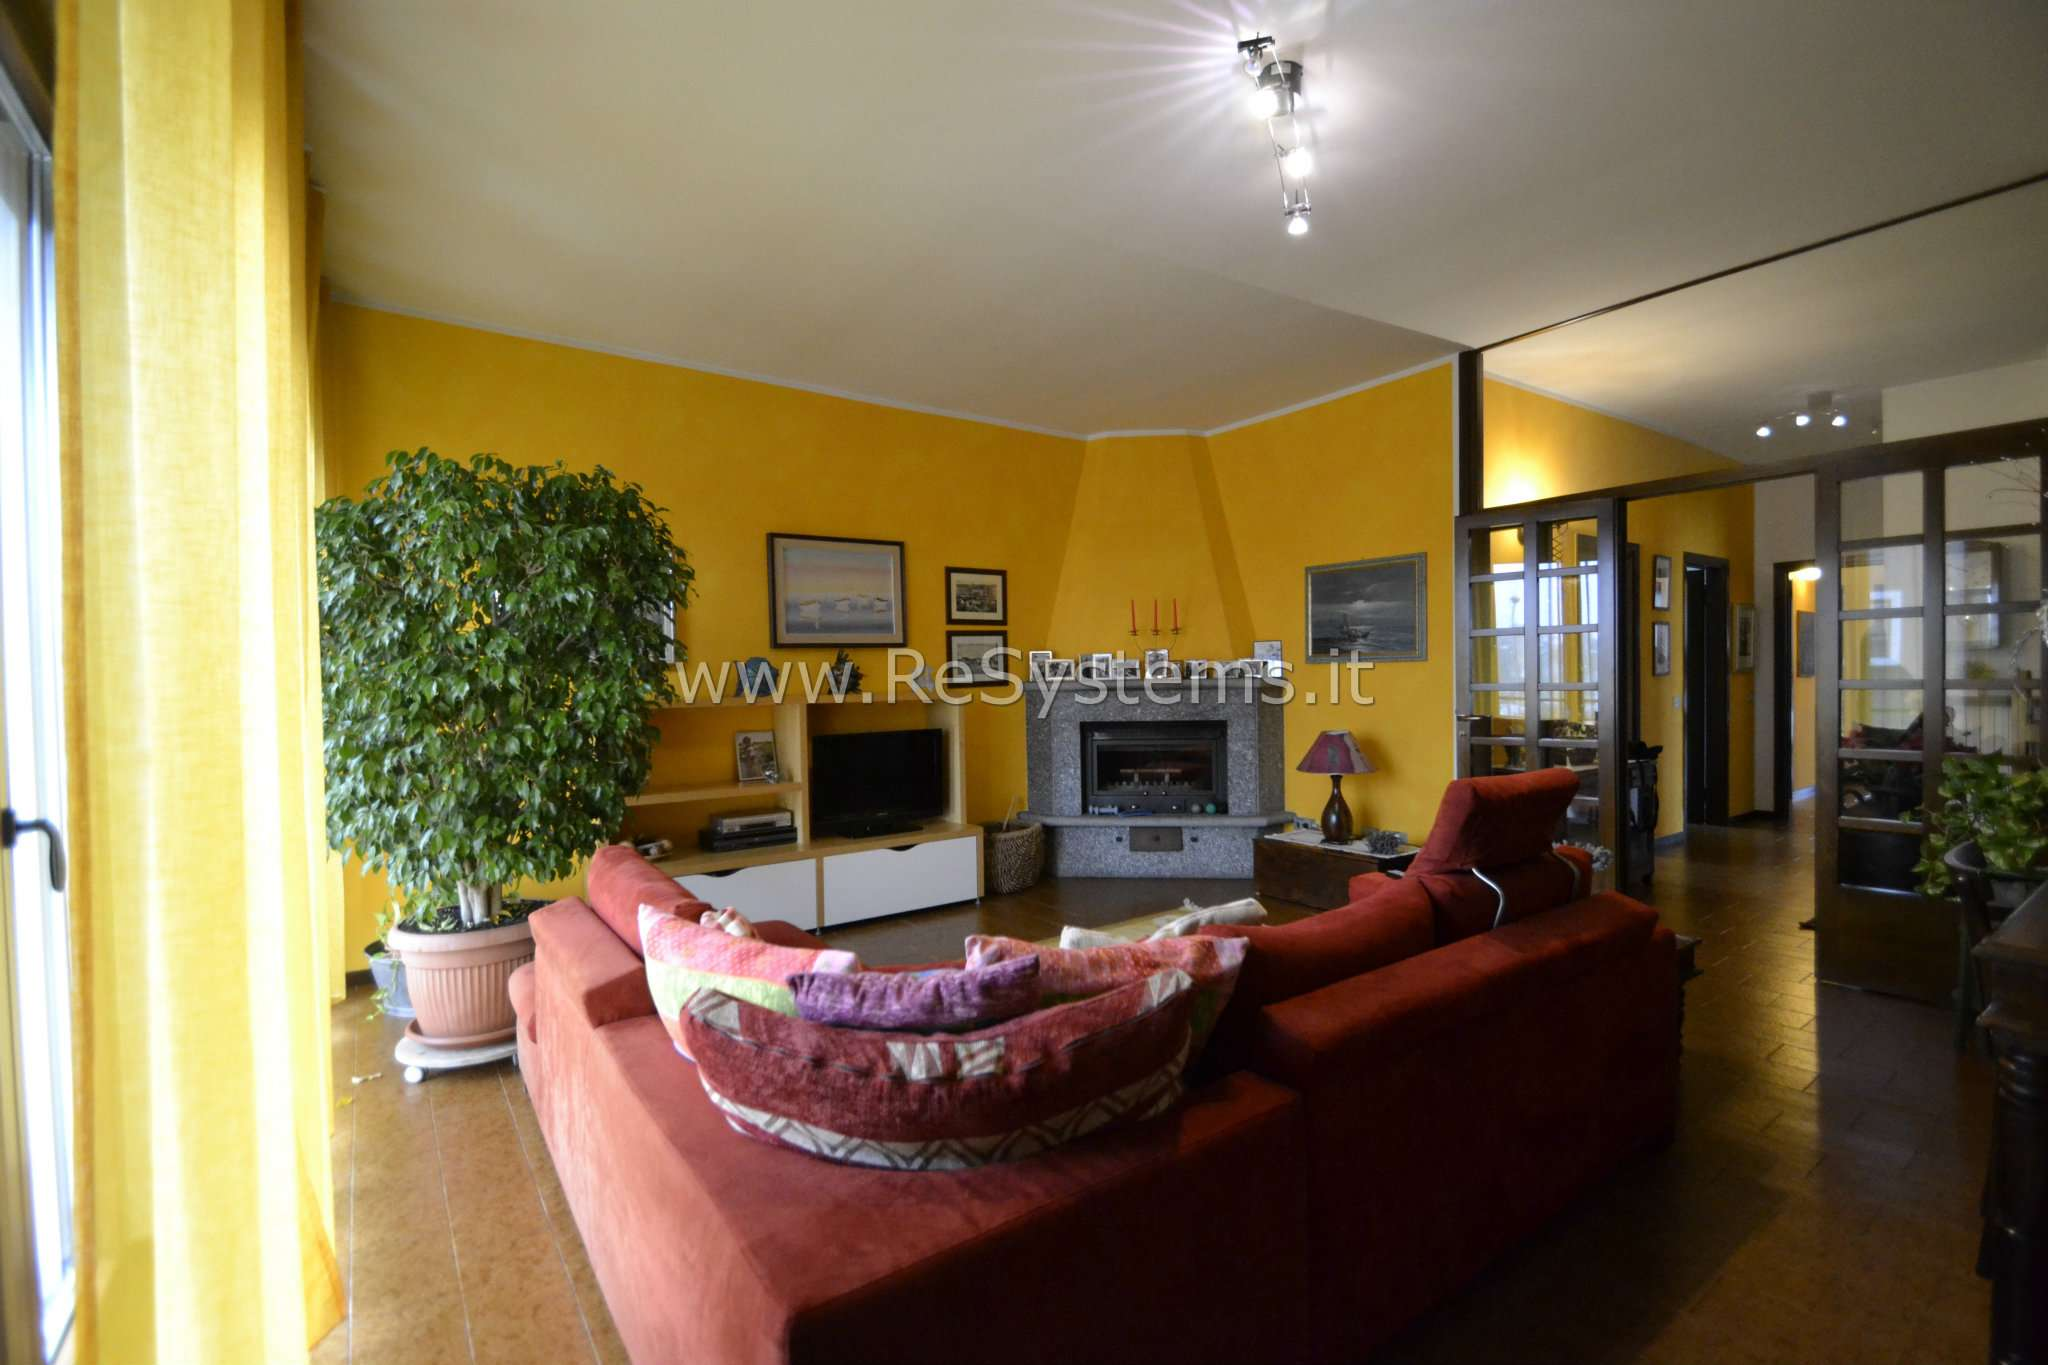 Soluzione Indipendente in vendita a Pogliano Milanese, 4 locali, prezzo € 549.000 | CambioCasa.it